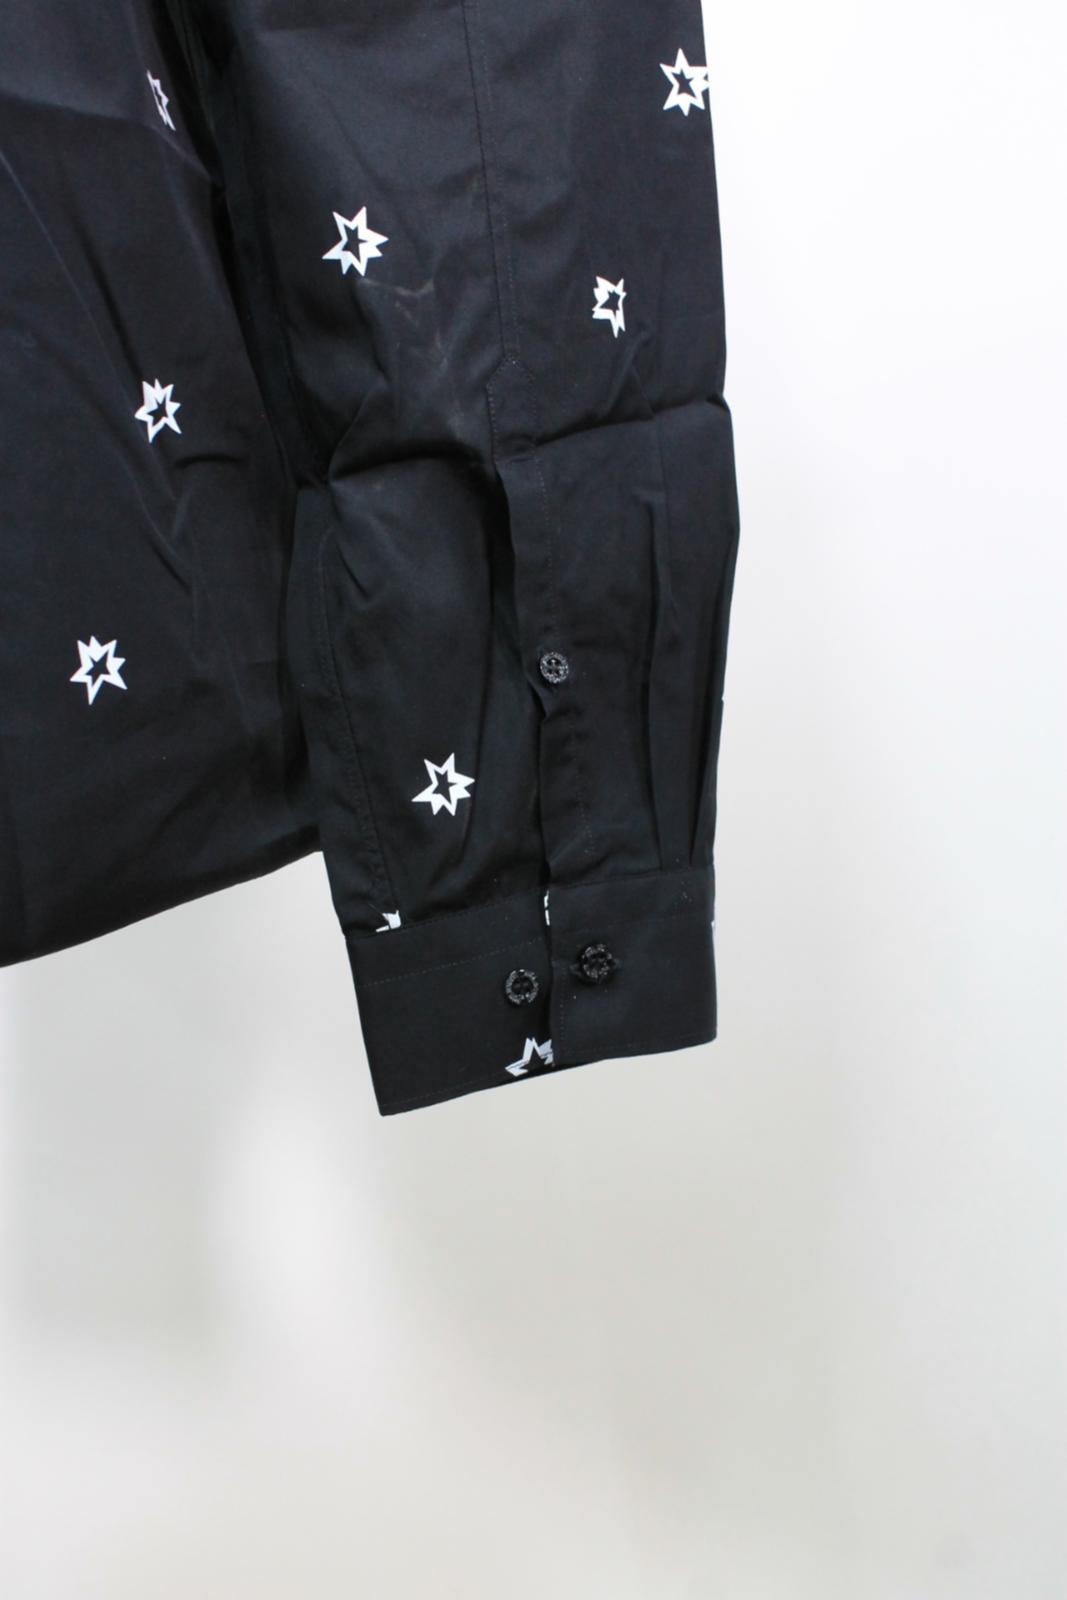 Neil-Barrett-Hombre-Negro-Algodon-Estampado-de-Estrellas-Calce-Ajustado-Camisa-Con-Cuello-16-5-034 miniatura 9